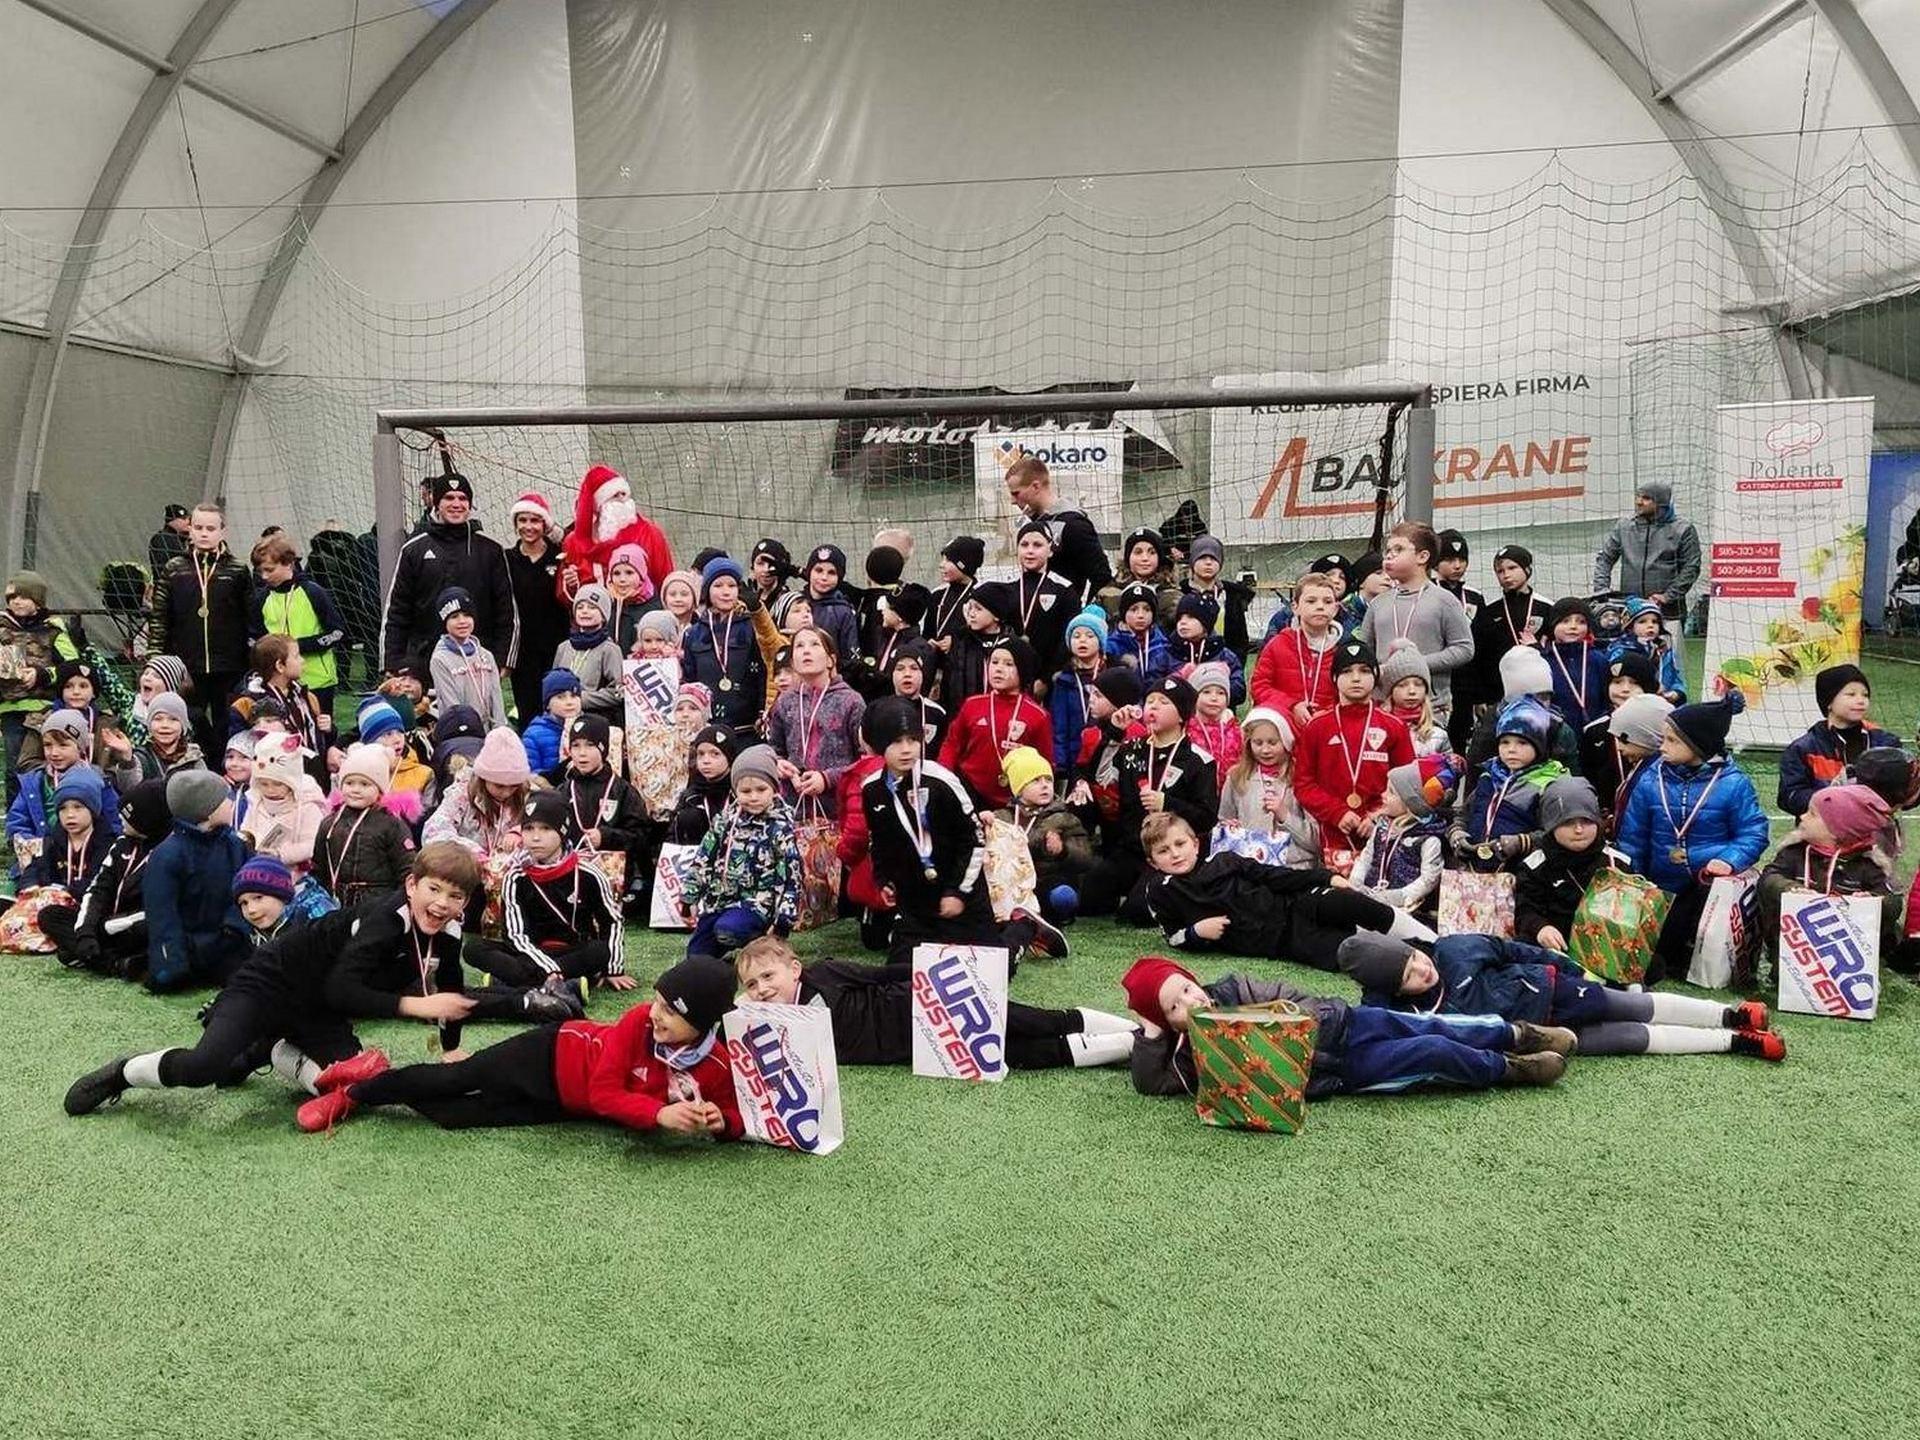 zajęcia sportowe dla dzieci Gdańśk